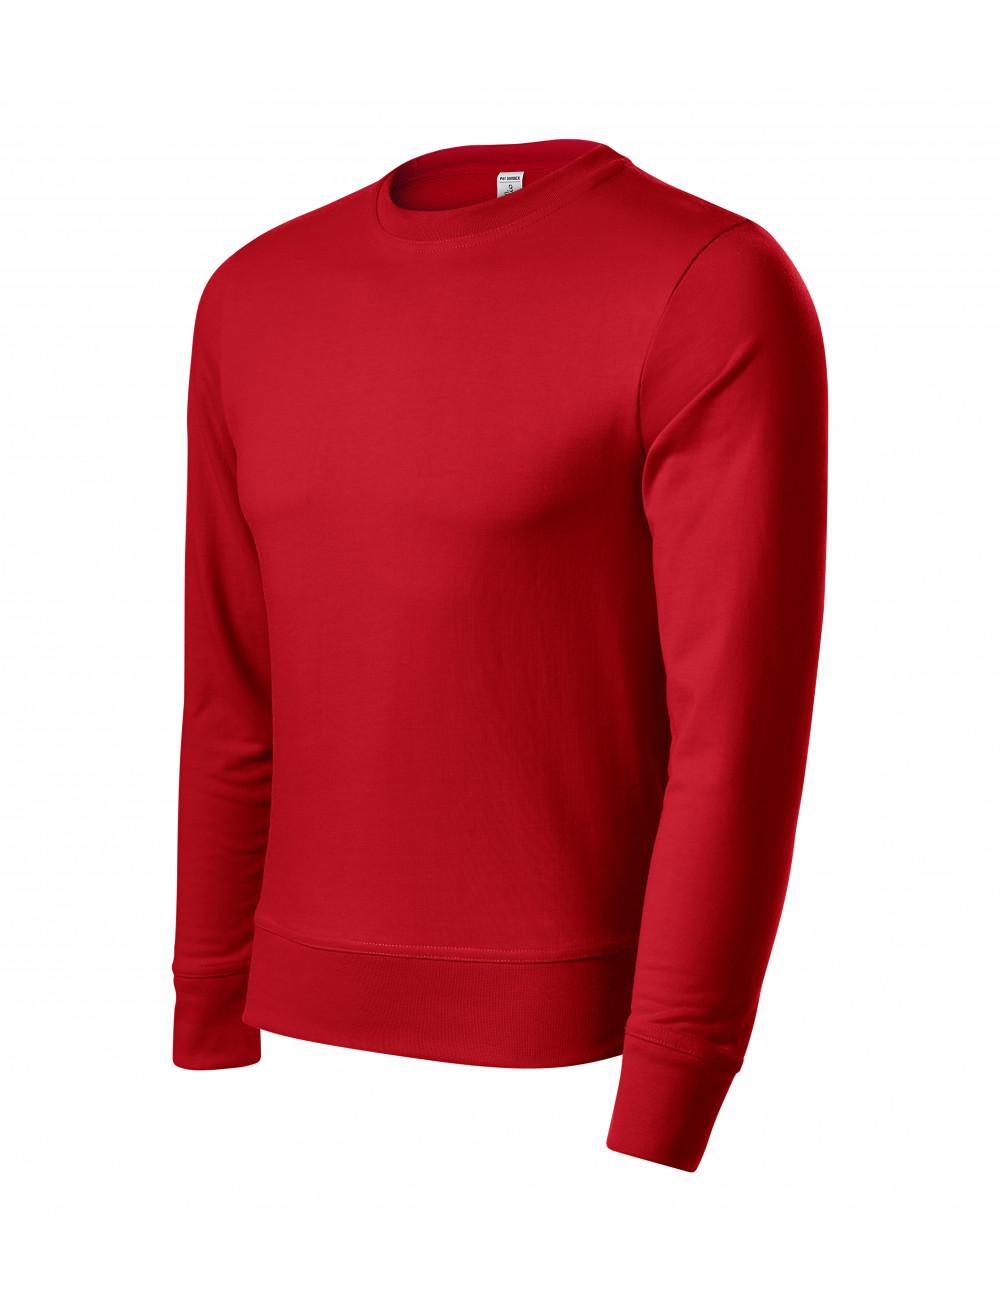 Adler PICCOLIO Bluza unisex Zero P41 czerwony